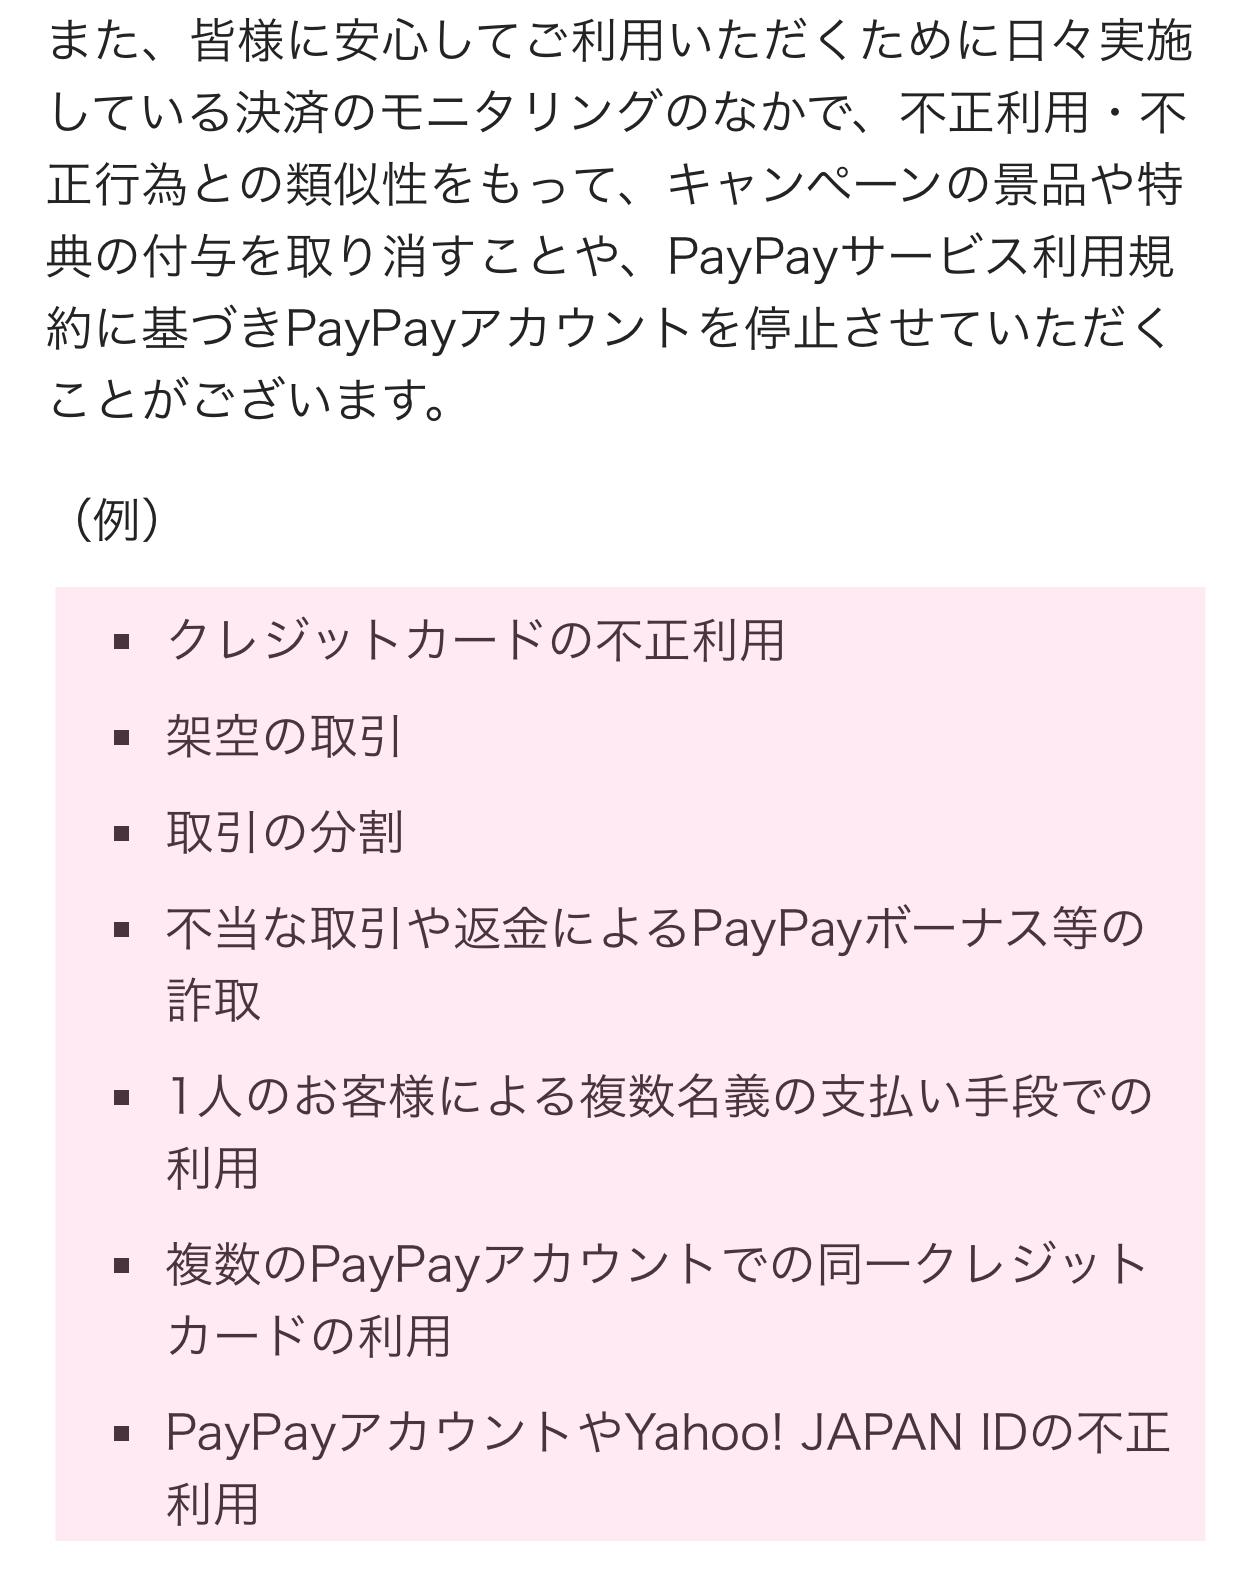 PayPaytorikesijouken 01